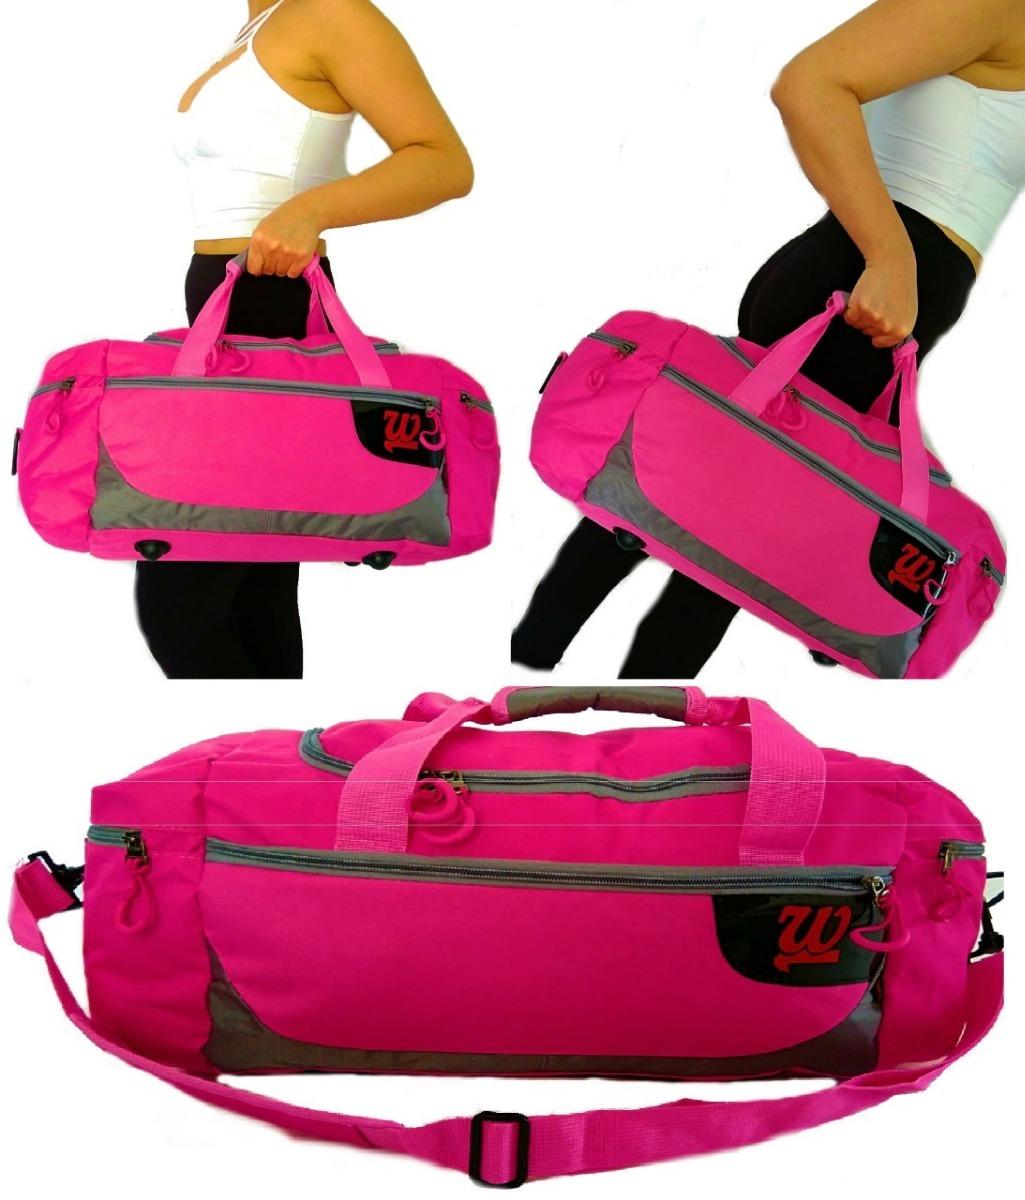 b0d694abf bolsa importada feminina de academia treino mala viagem rosa. Carregando  zoom.